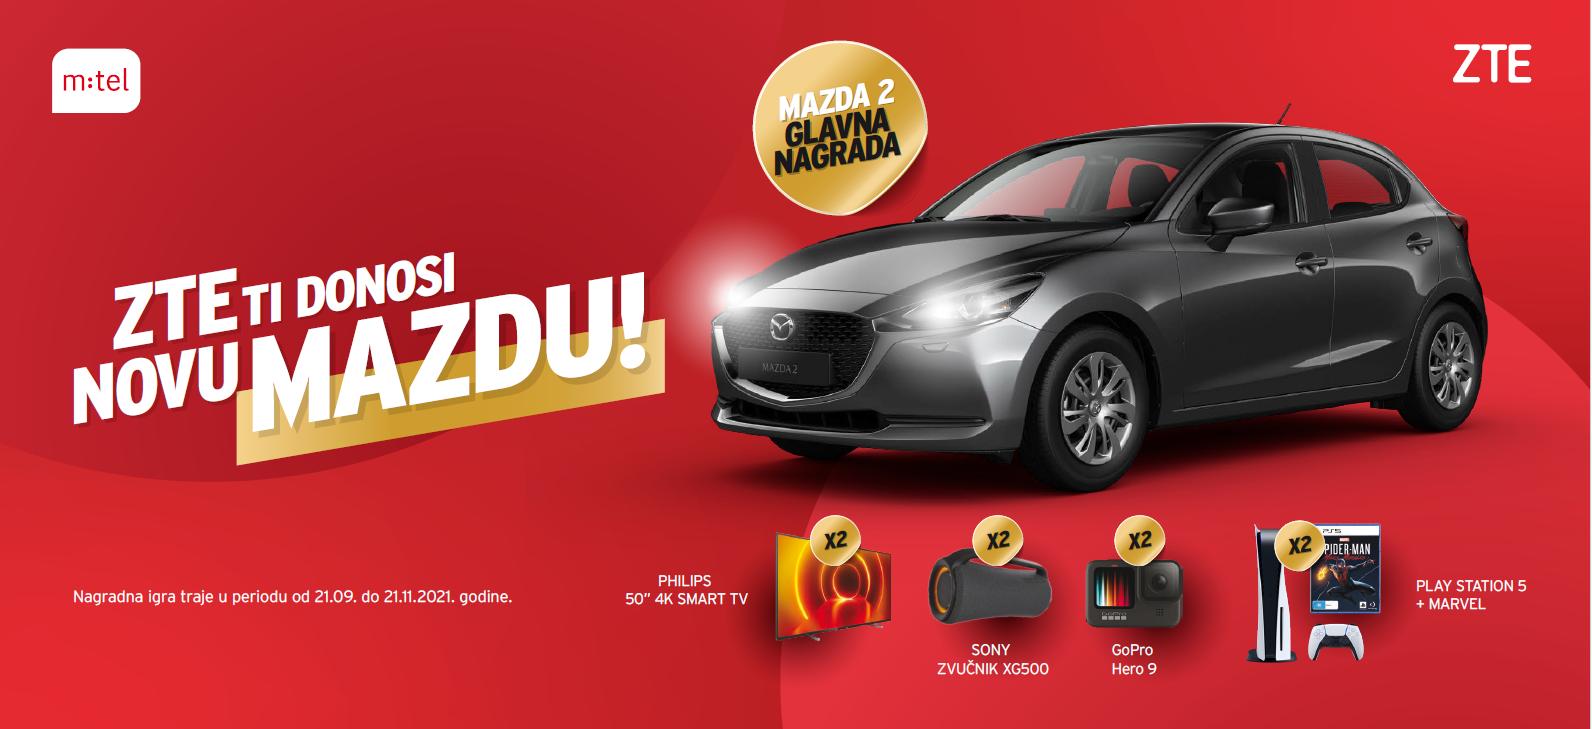 """Kupovinom telefona """"ZTE"""" do automobila """"Mazda"""""""